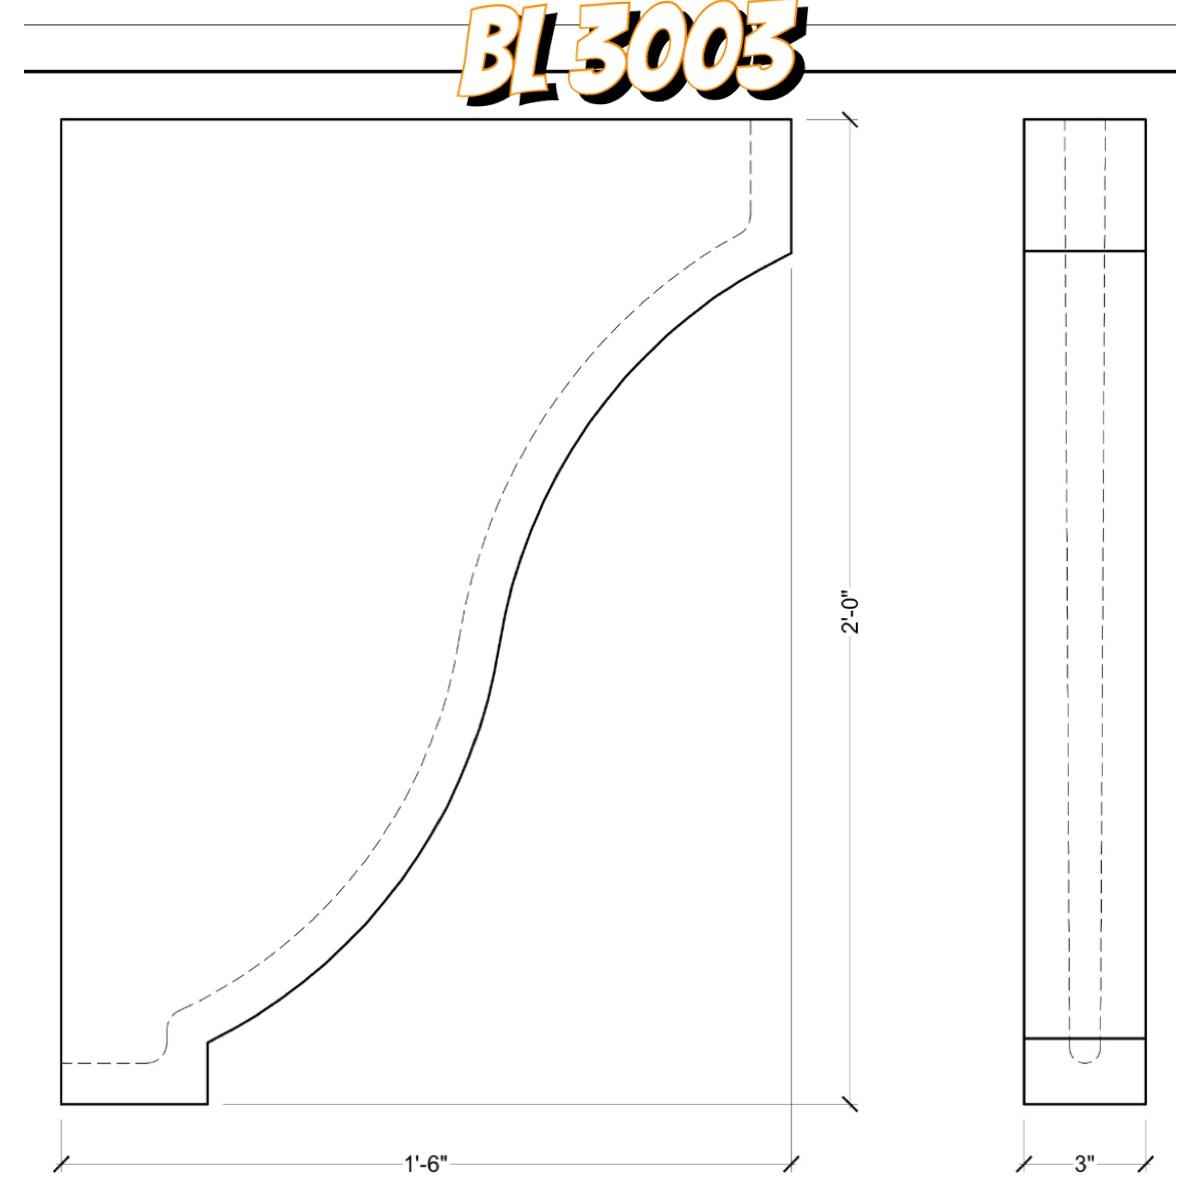 bl3003-spectis-bracket.jpg